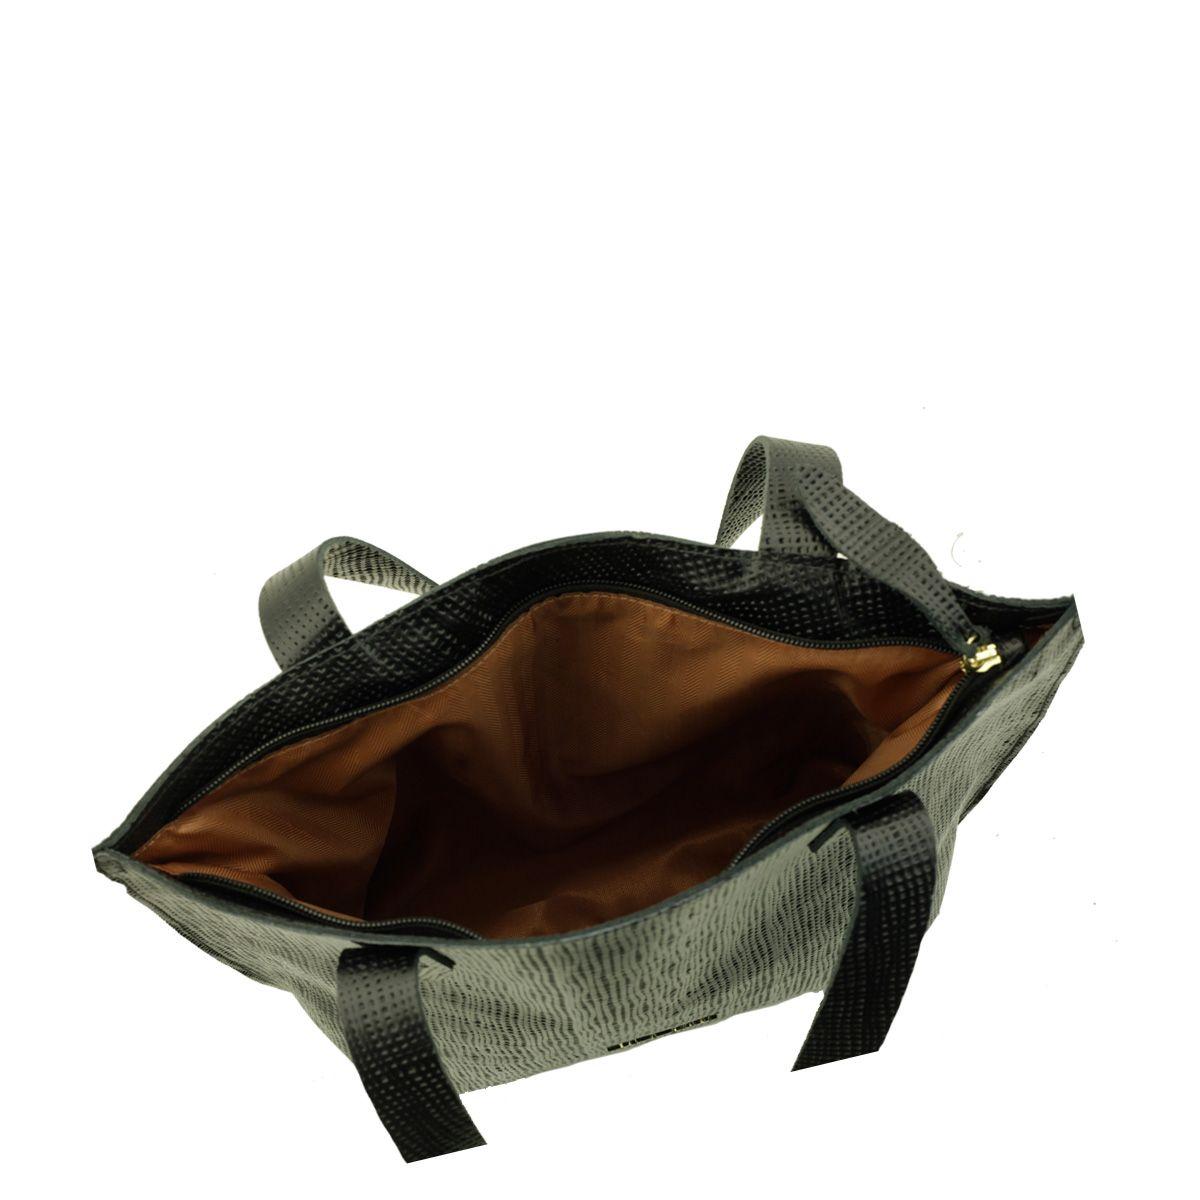 Bolsa De Couro Noite : Sand?lia com salto fino de couro para noite festa ou balada